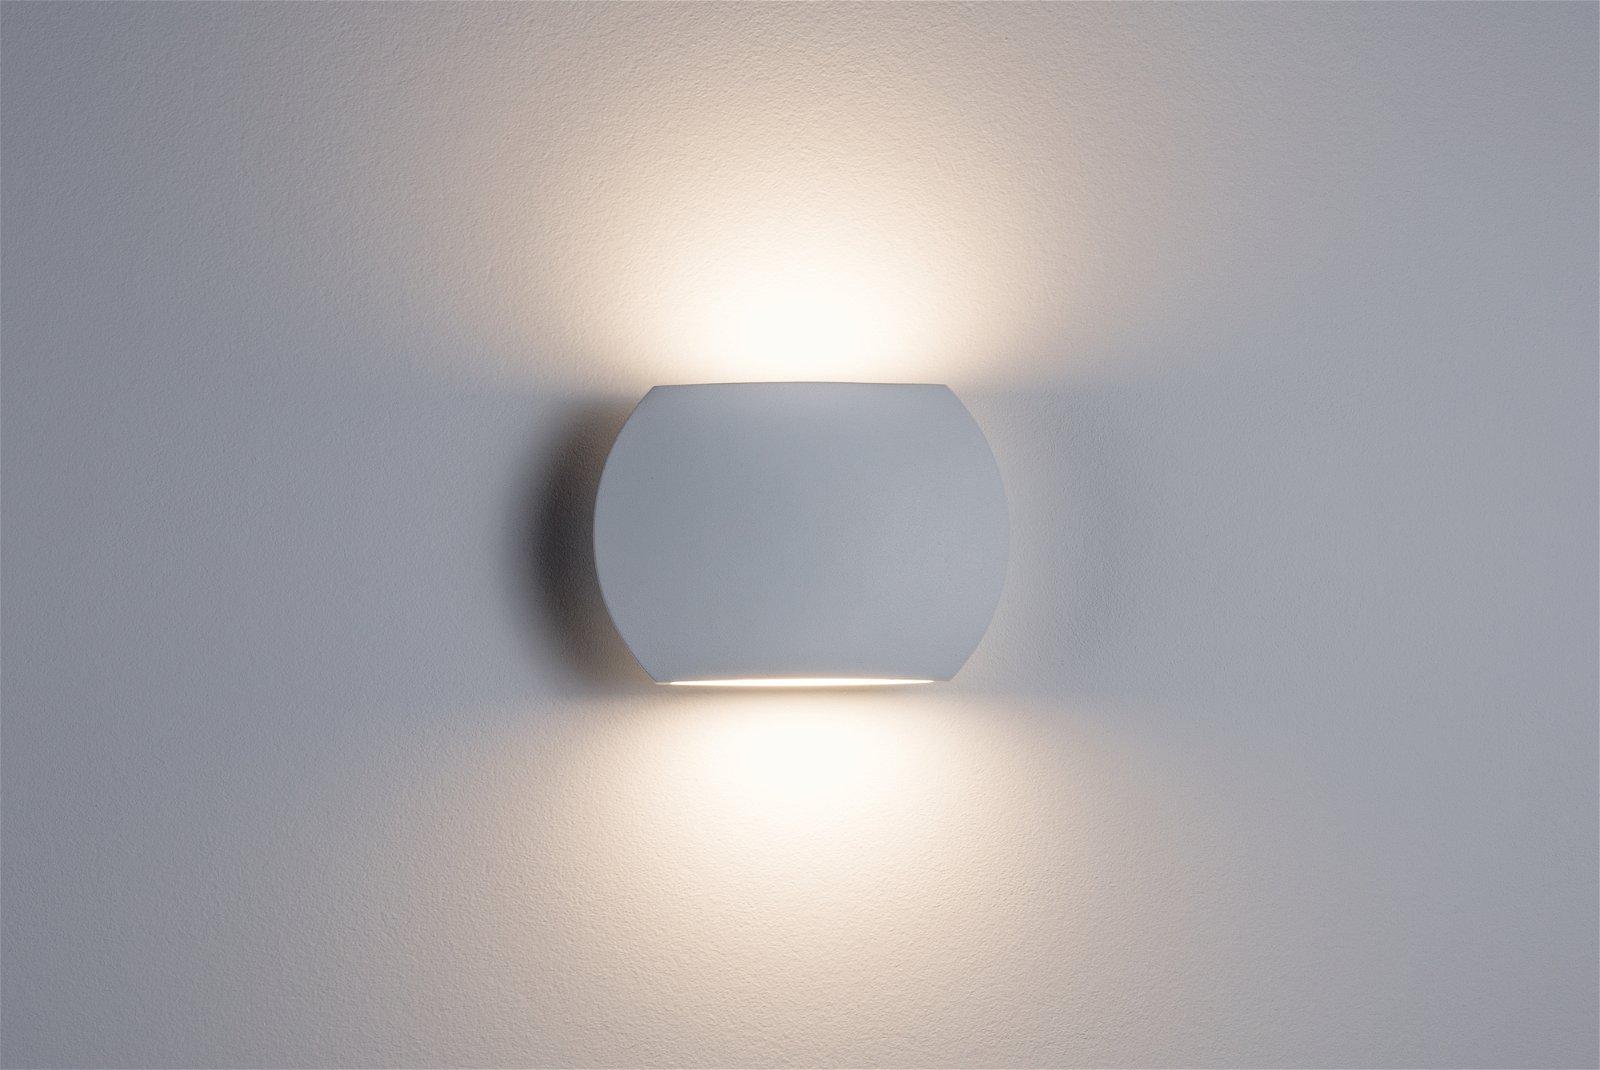 LED Wandleuchte Bocca 2700K 2x610lm 230V 2x2,73W Weiß